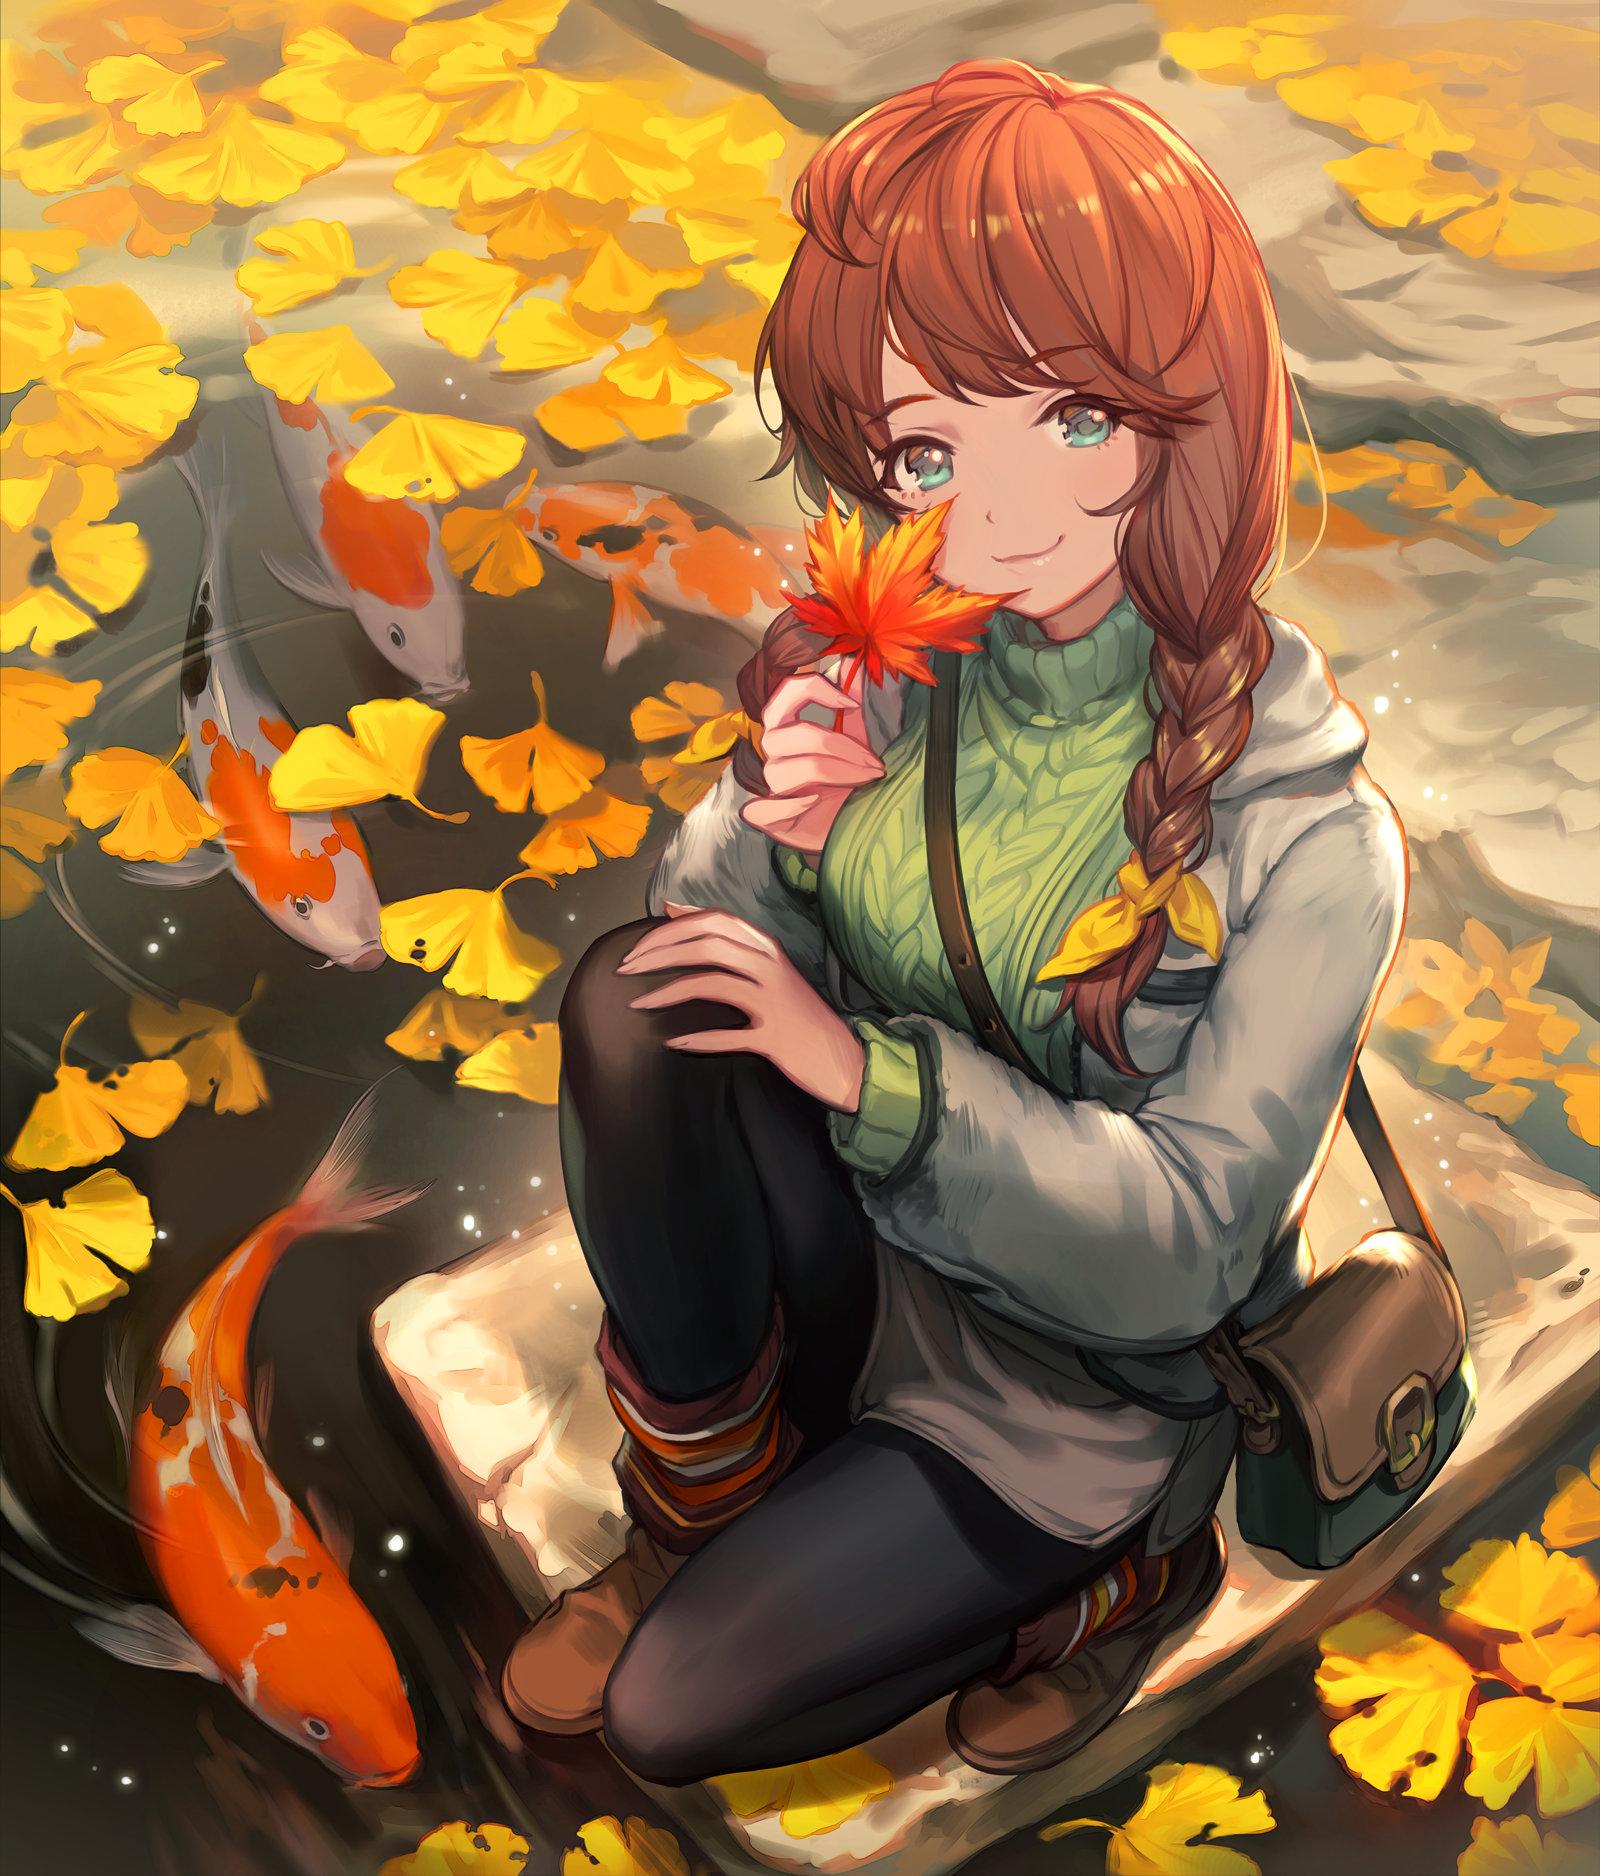 秋の絵 - ヘスン